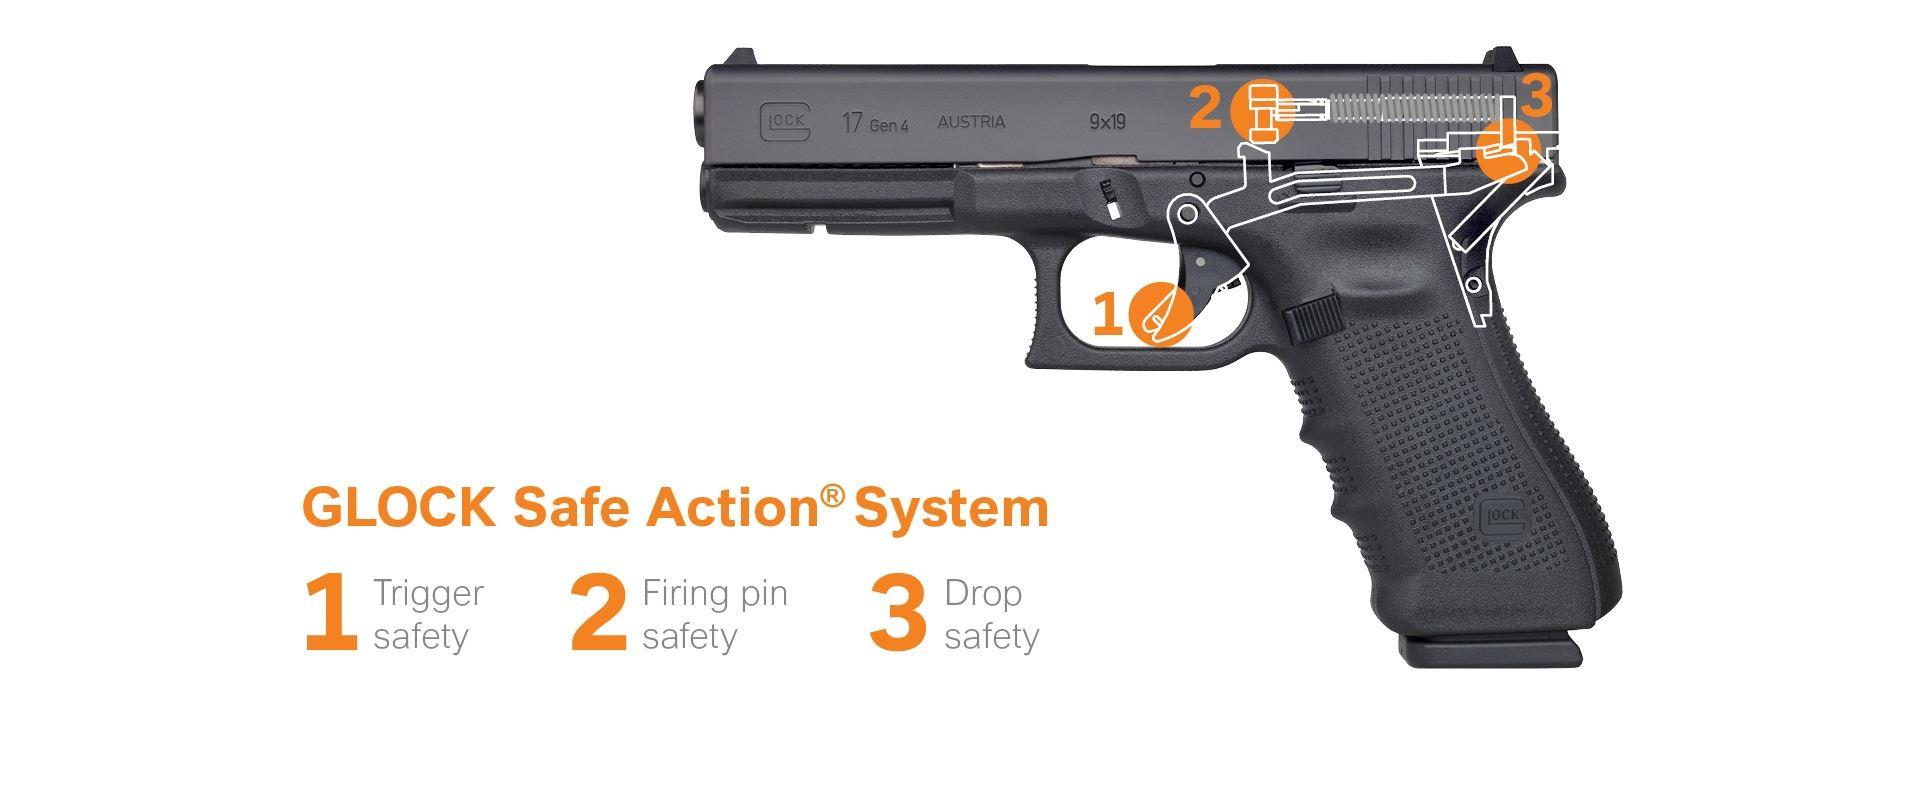 handgun safety diagram wire management wiring diagram handgun safety diagram [ 1920 x 800 Pixel ]